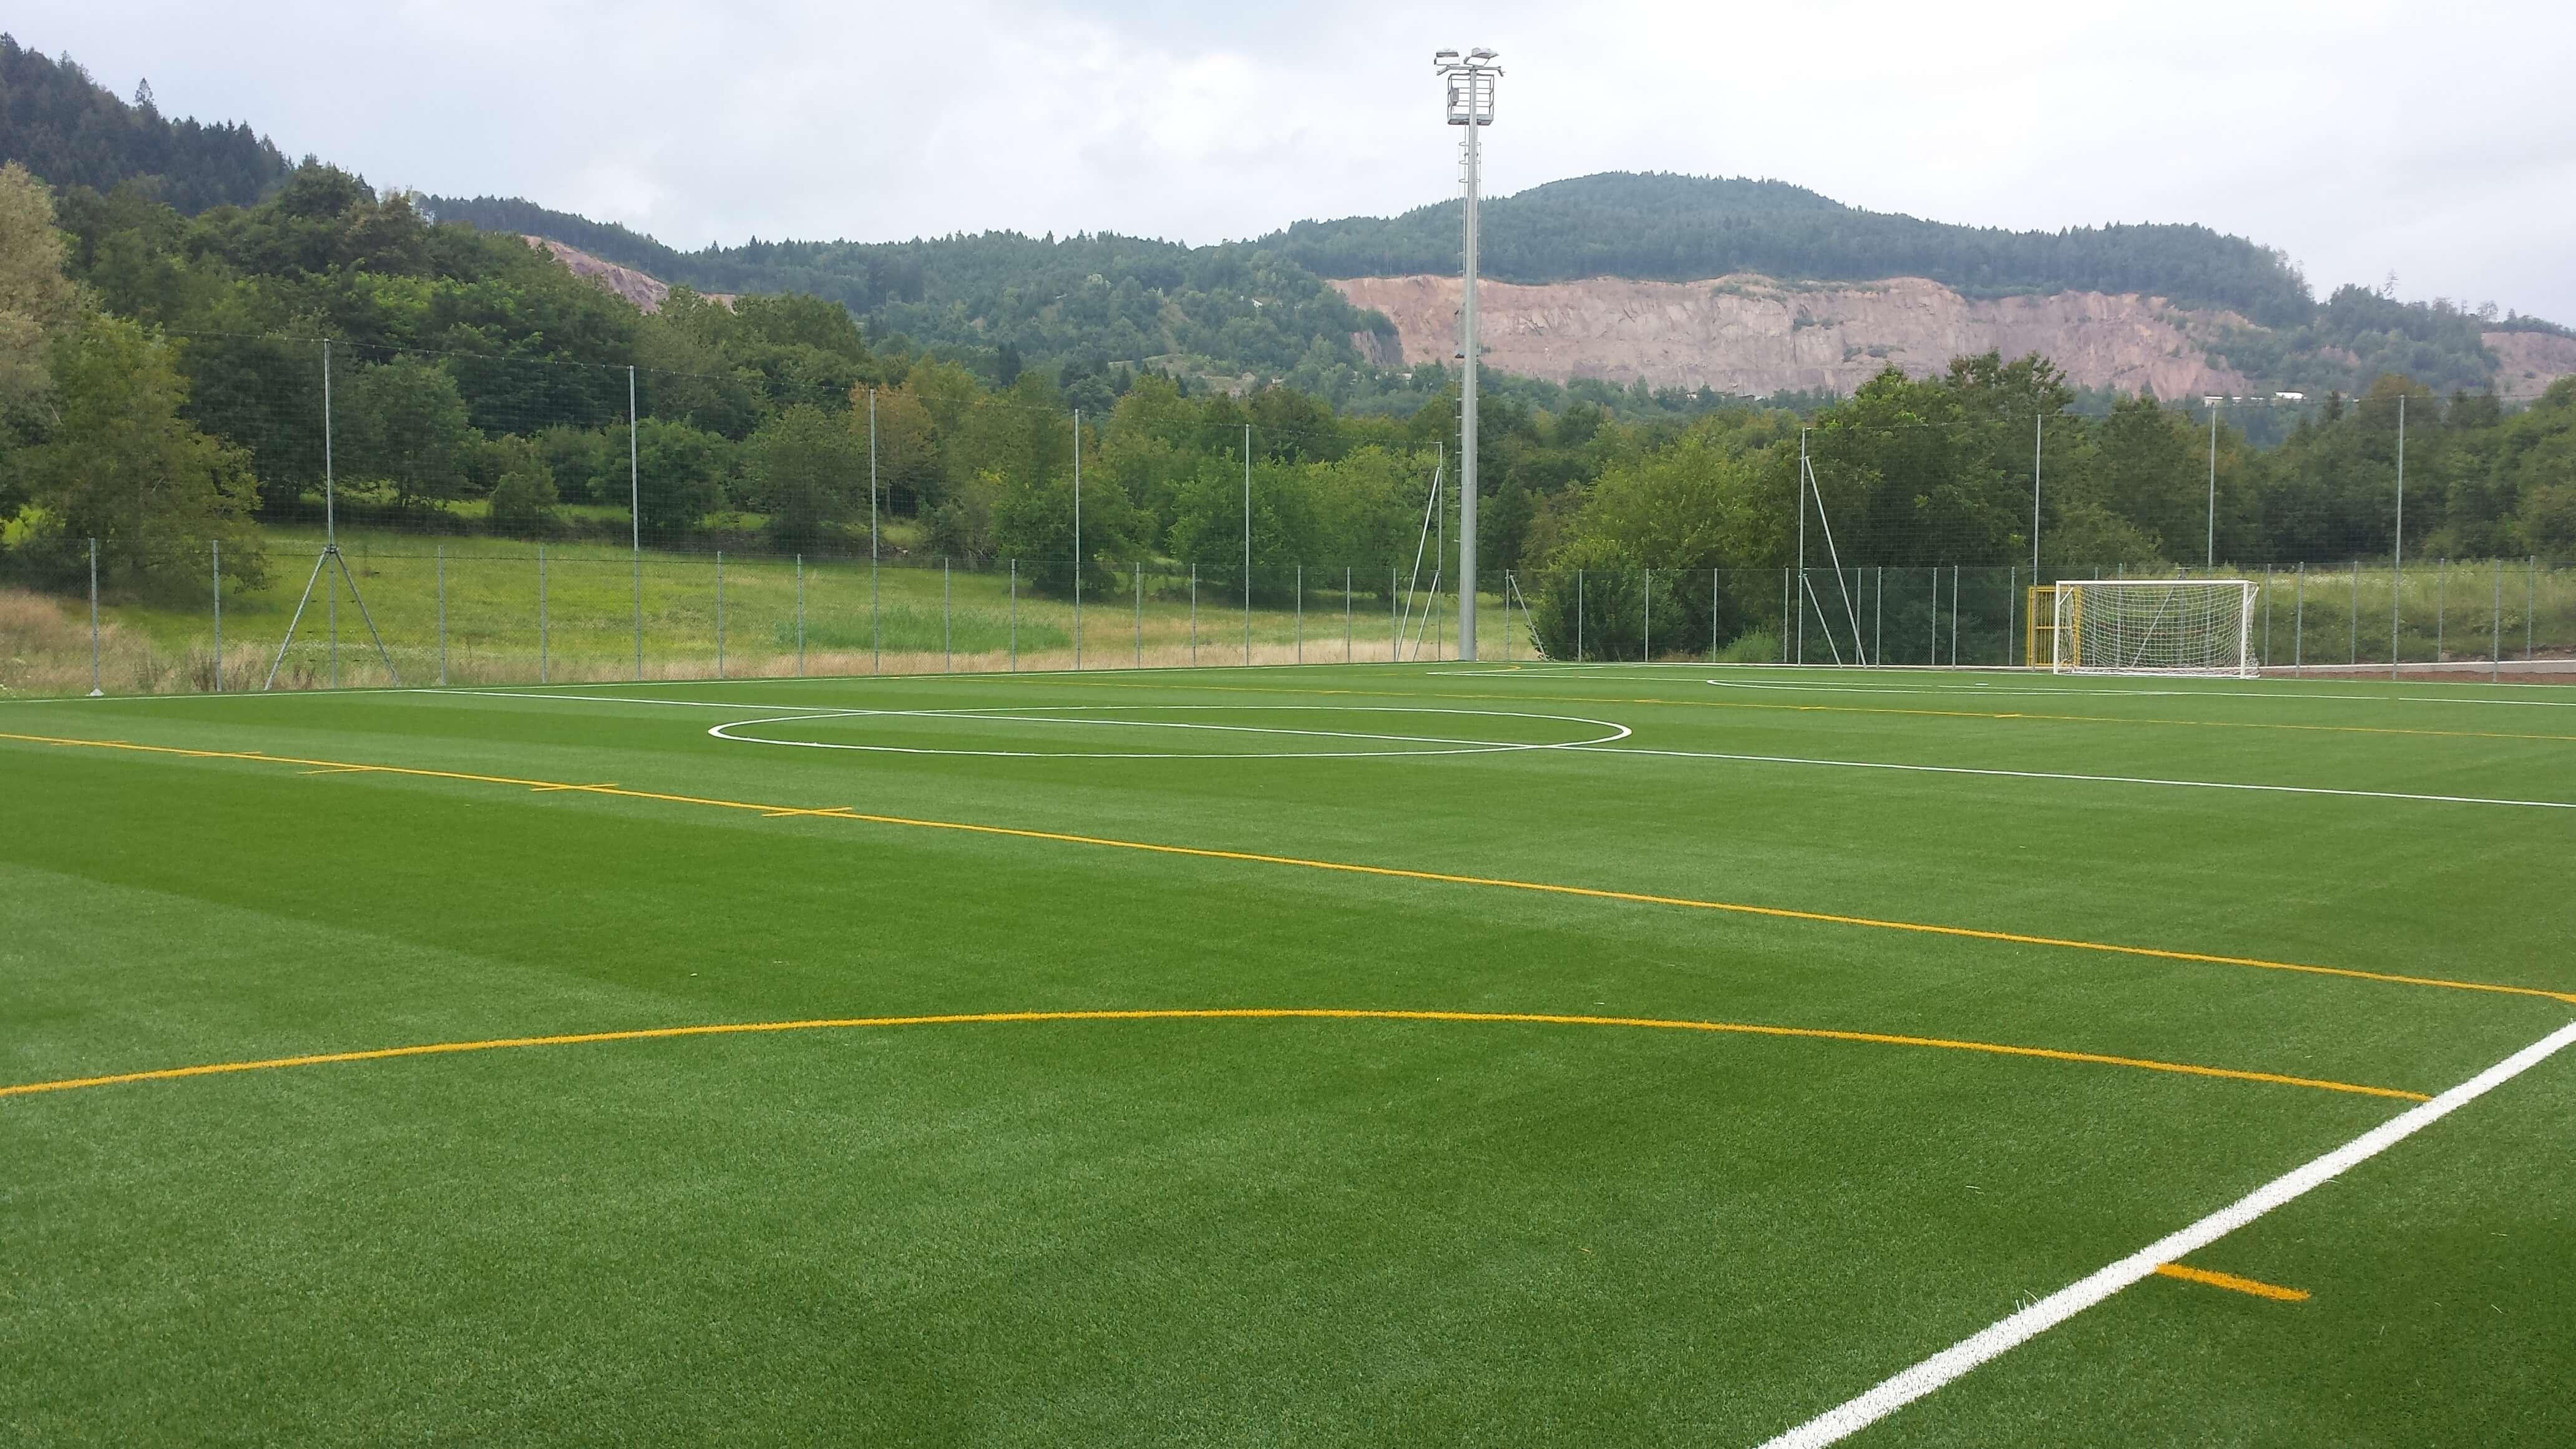 Riqualificazione campo sportivo di fornace trento for Campo sportivo seminterrato